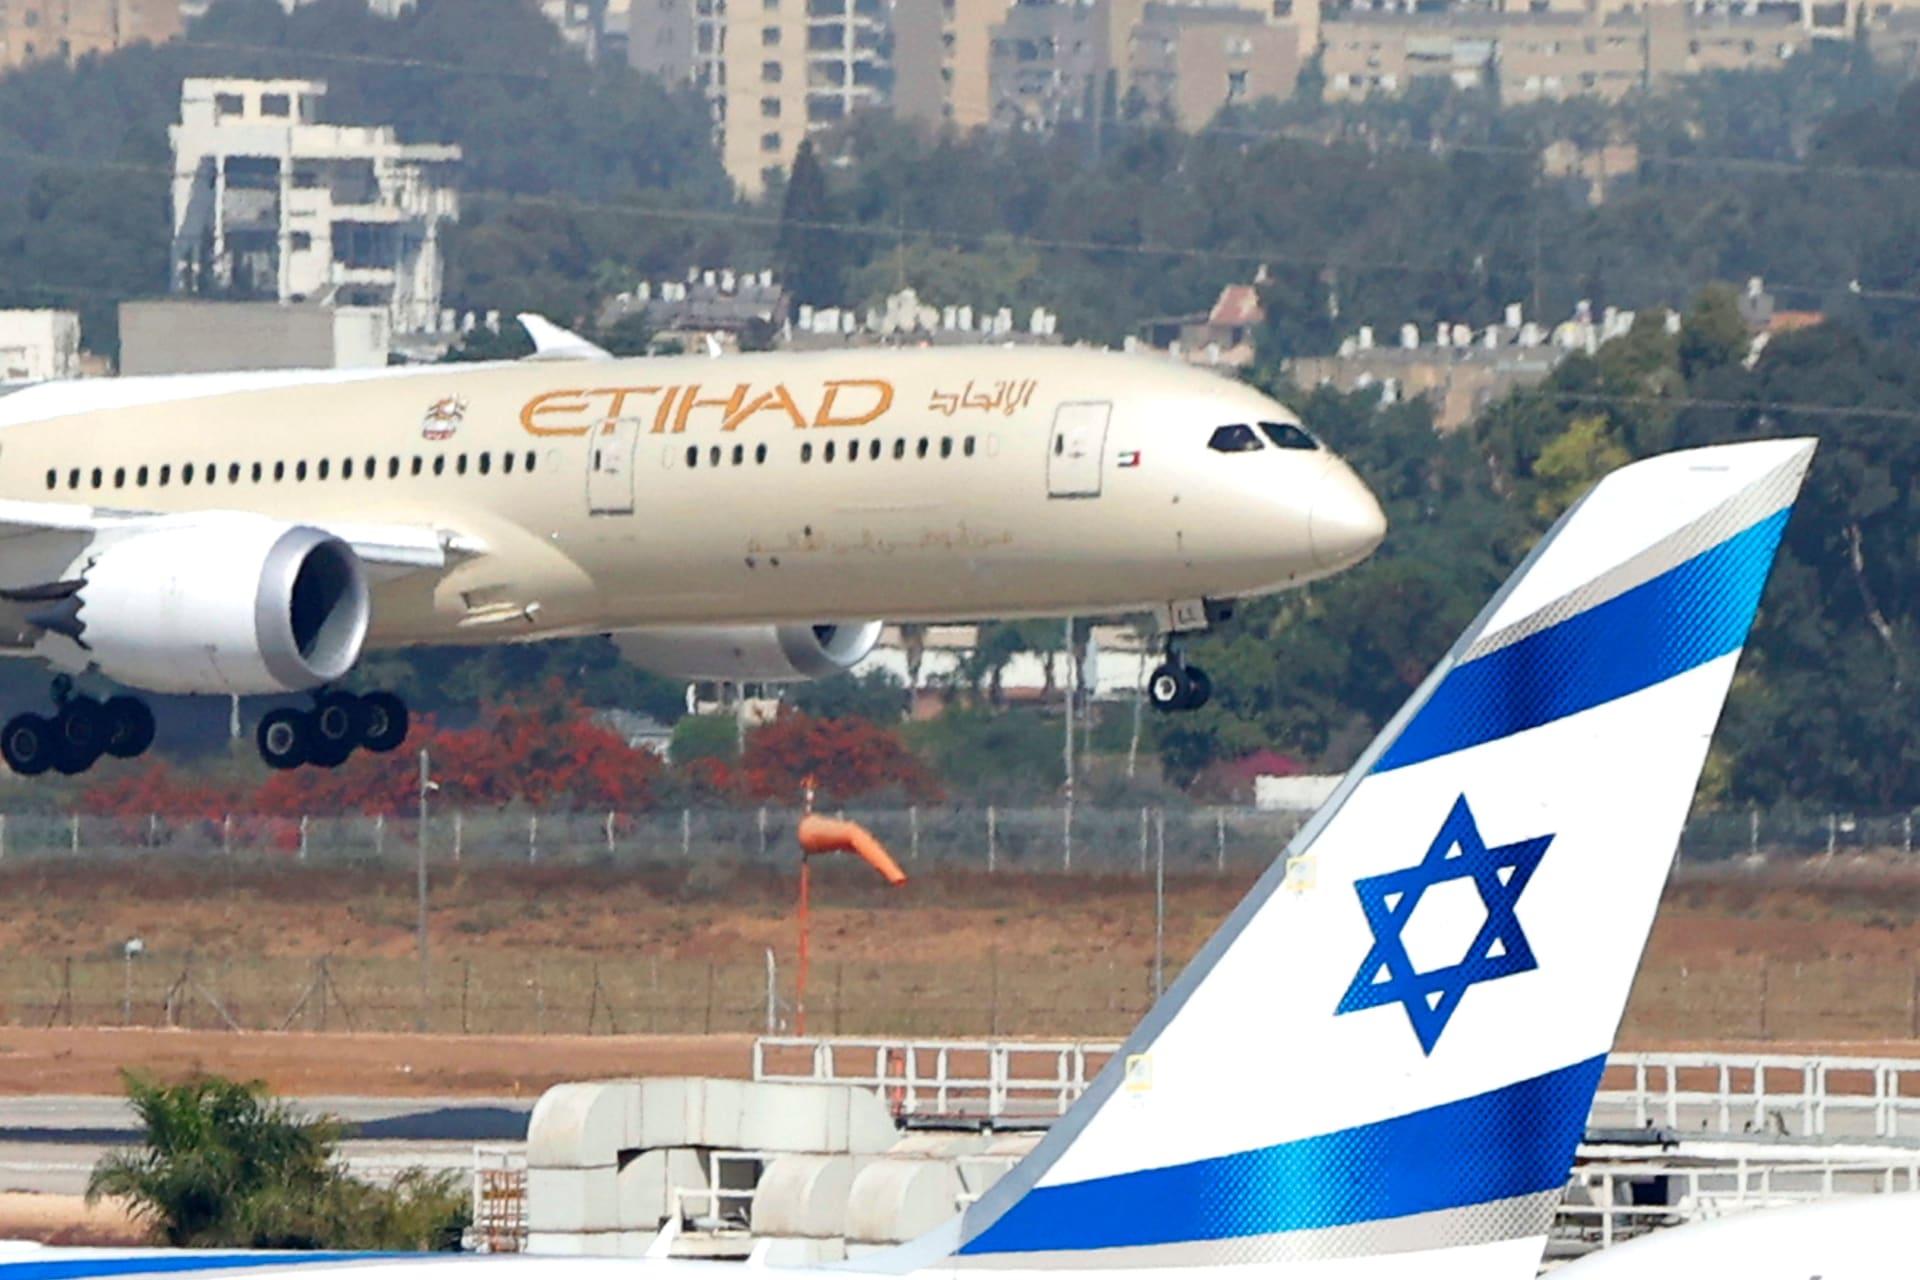 حكومة الإمارات تصادق على اتفاقية الإعفاء من التأشيرات مع إسرائيل